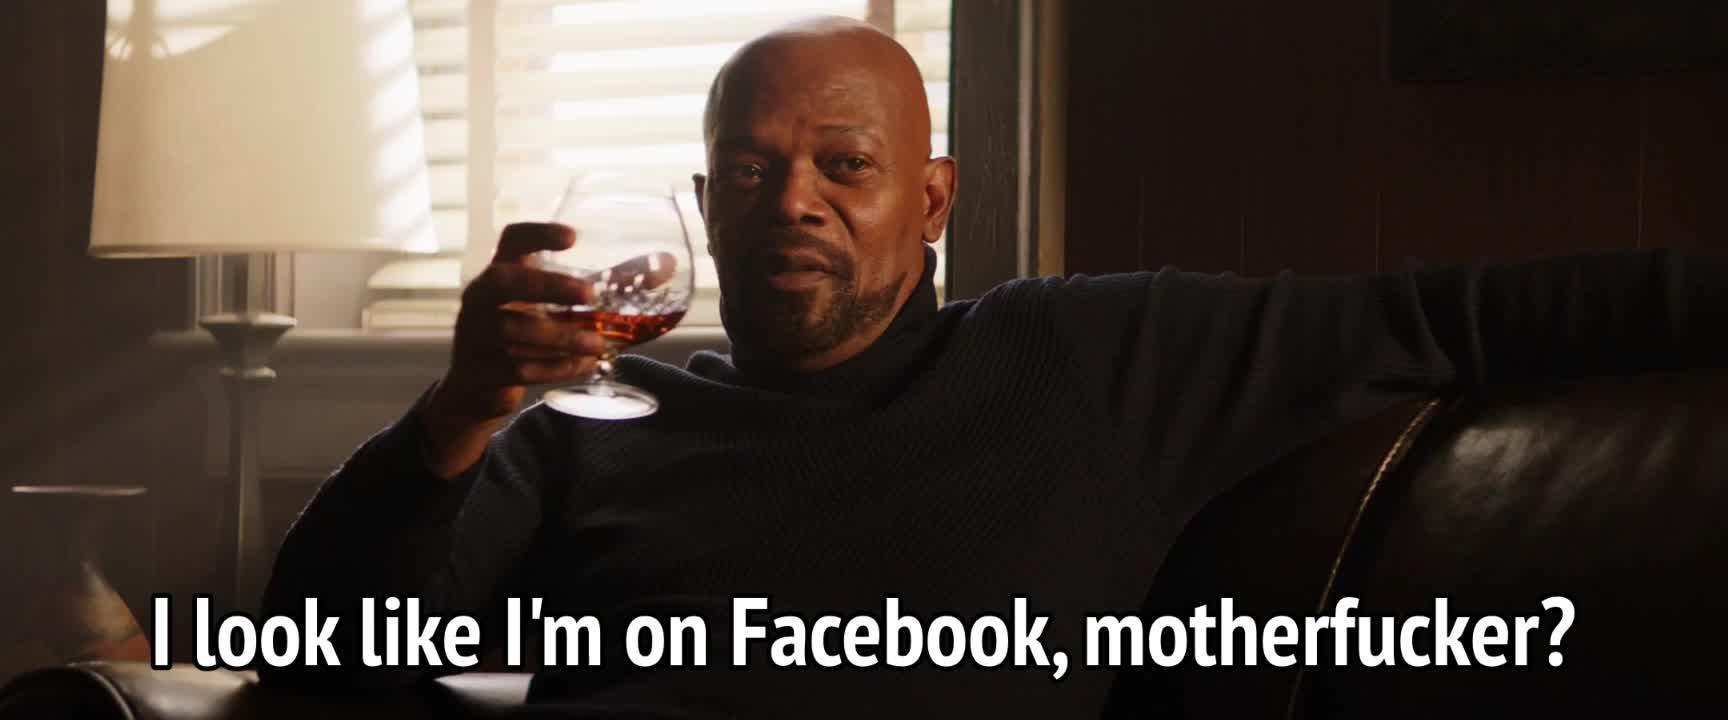 facebook, samuel l jackson, shaft, Shaft 2019 - I look like I'm on Facebook GIFs